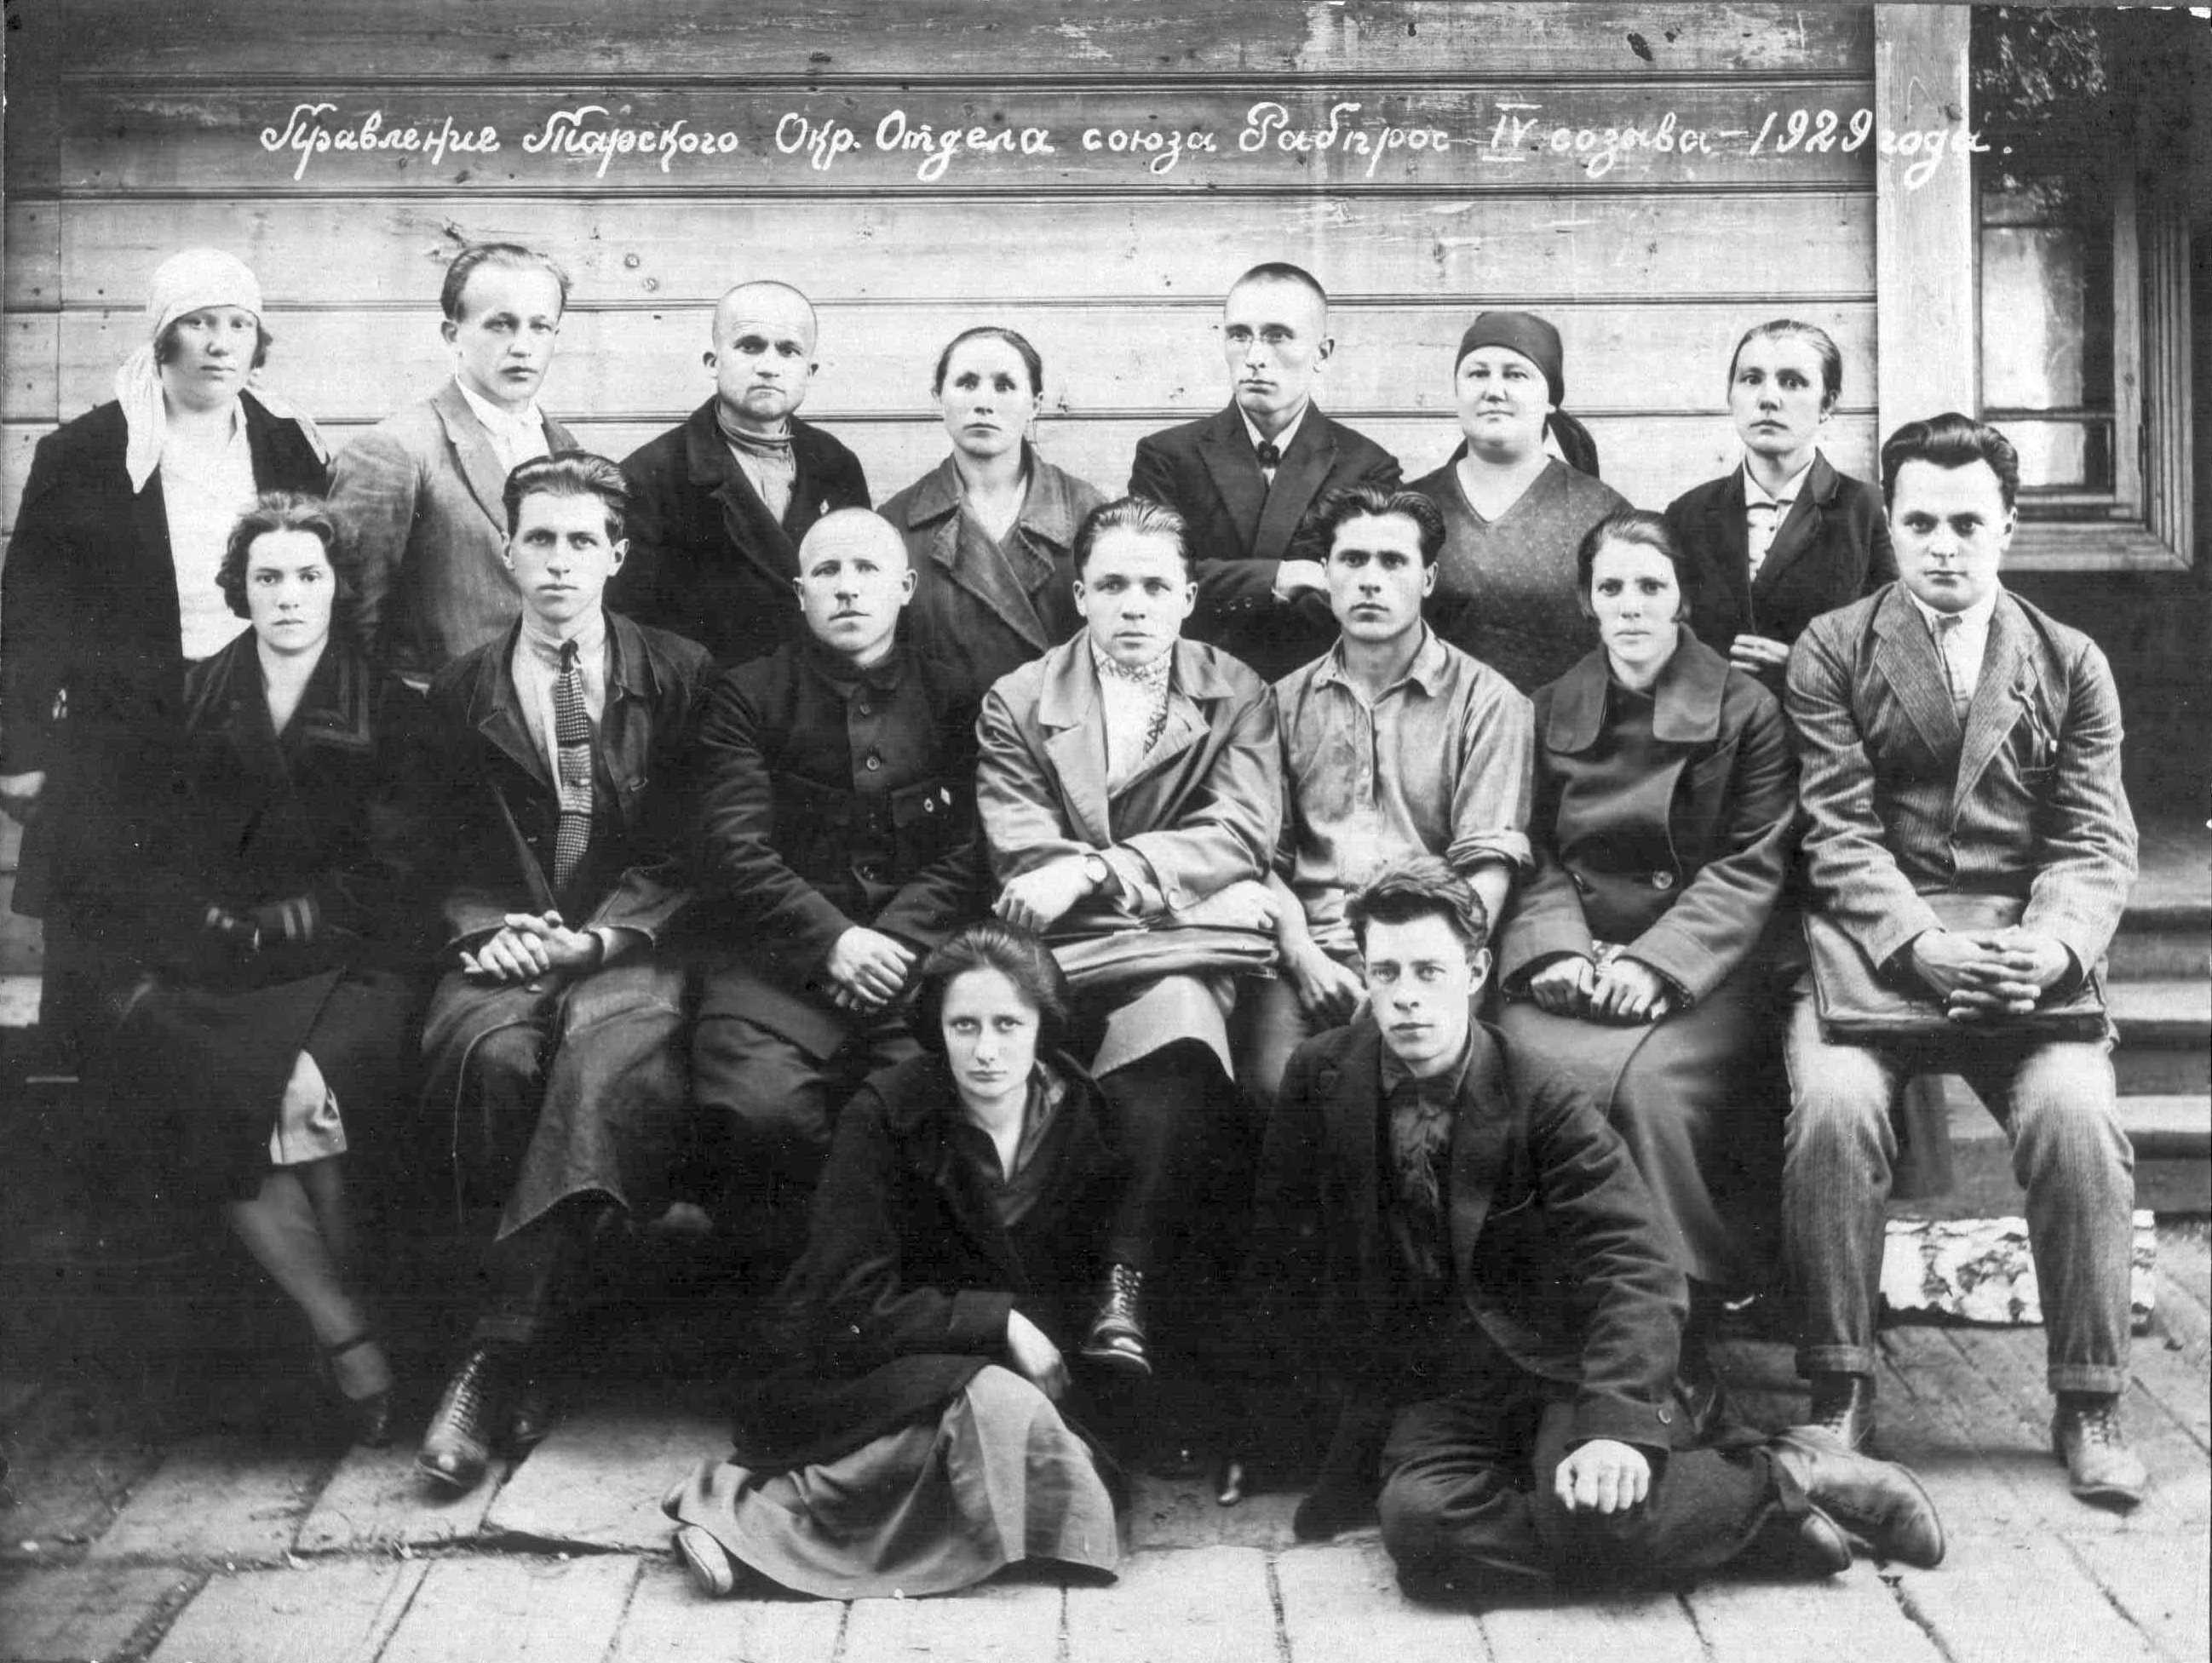 1929. Правление Тарского Окружного отдела союза Рабпрос у входа в дом бывшего купца Н.Я. Носкова